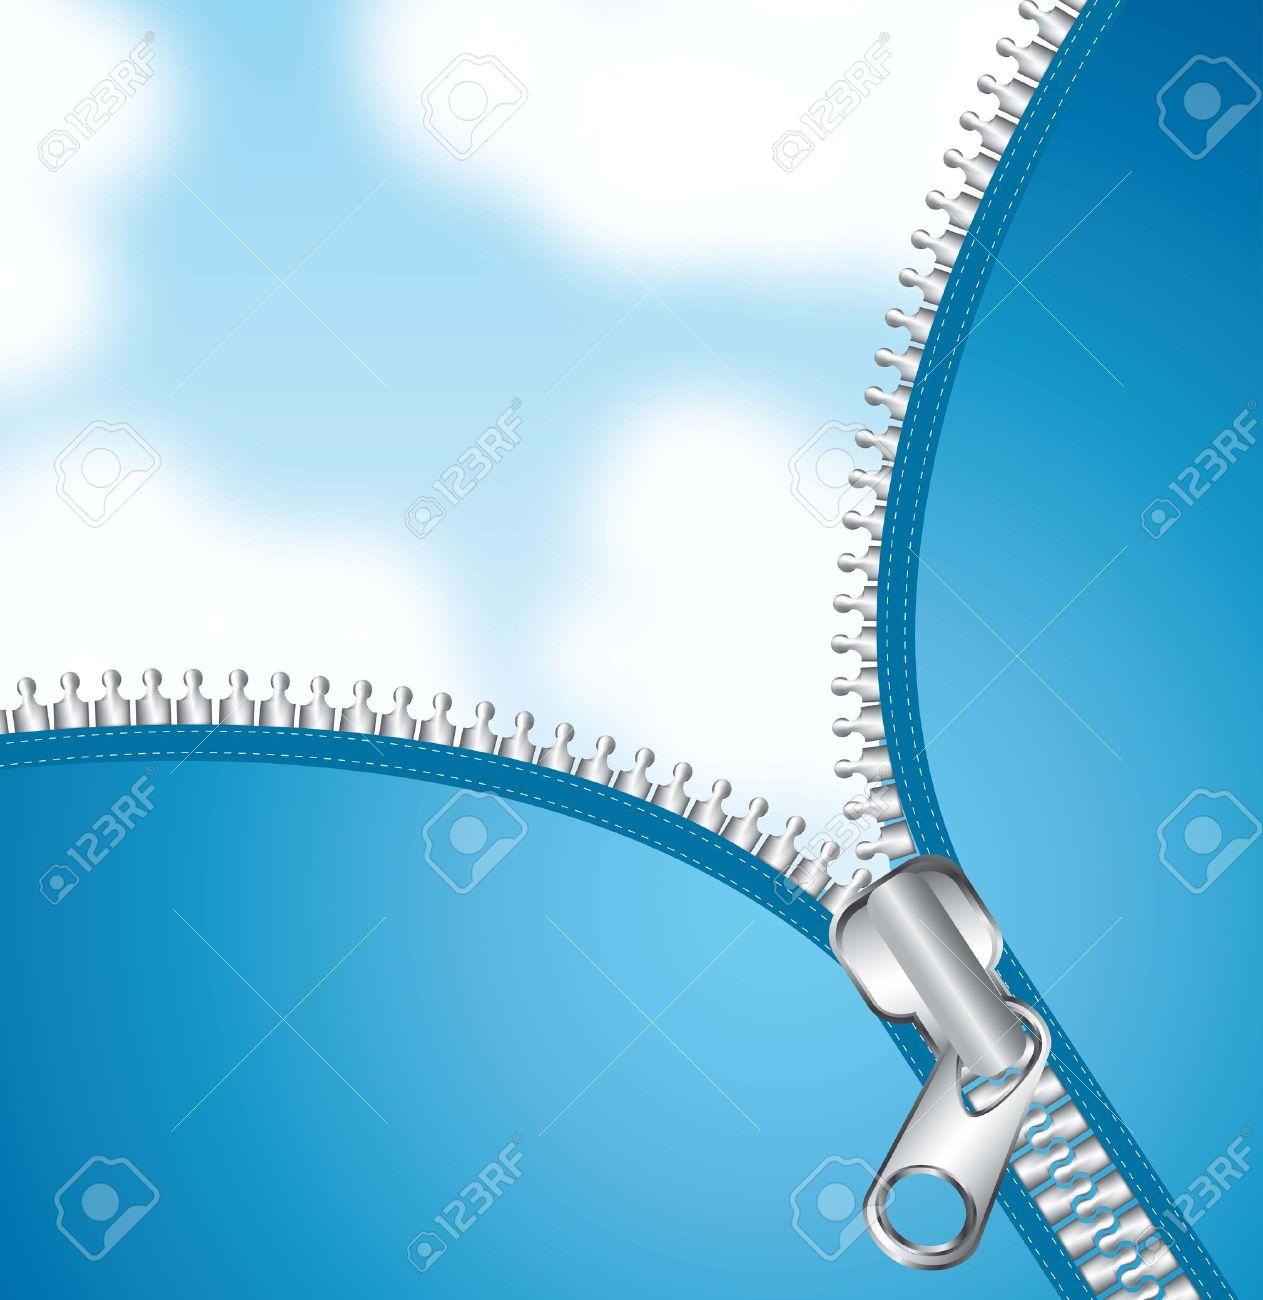 metallic zipper over sky background. vector illutration - 14877162